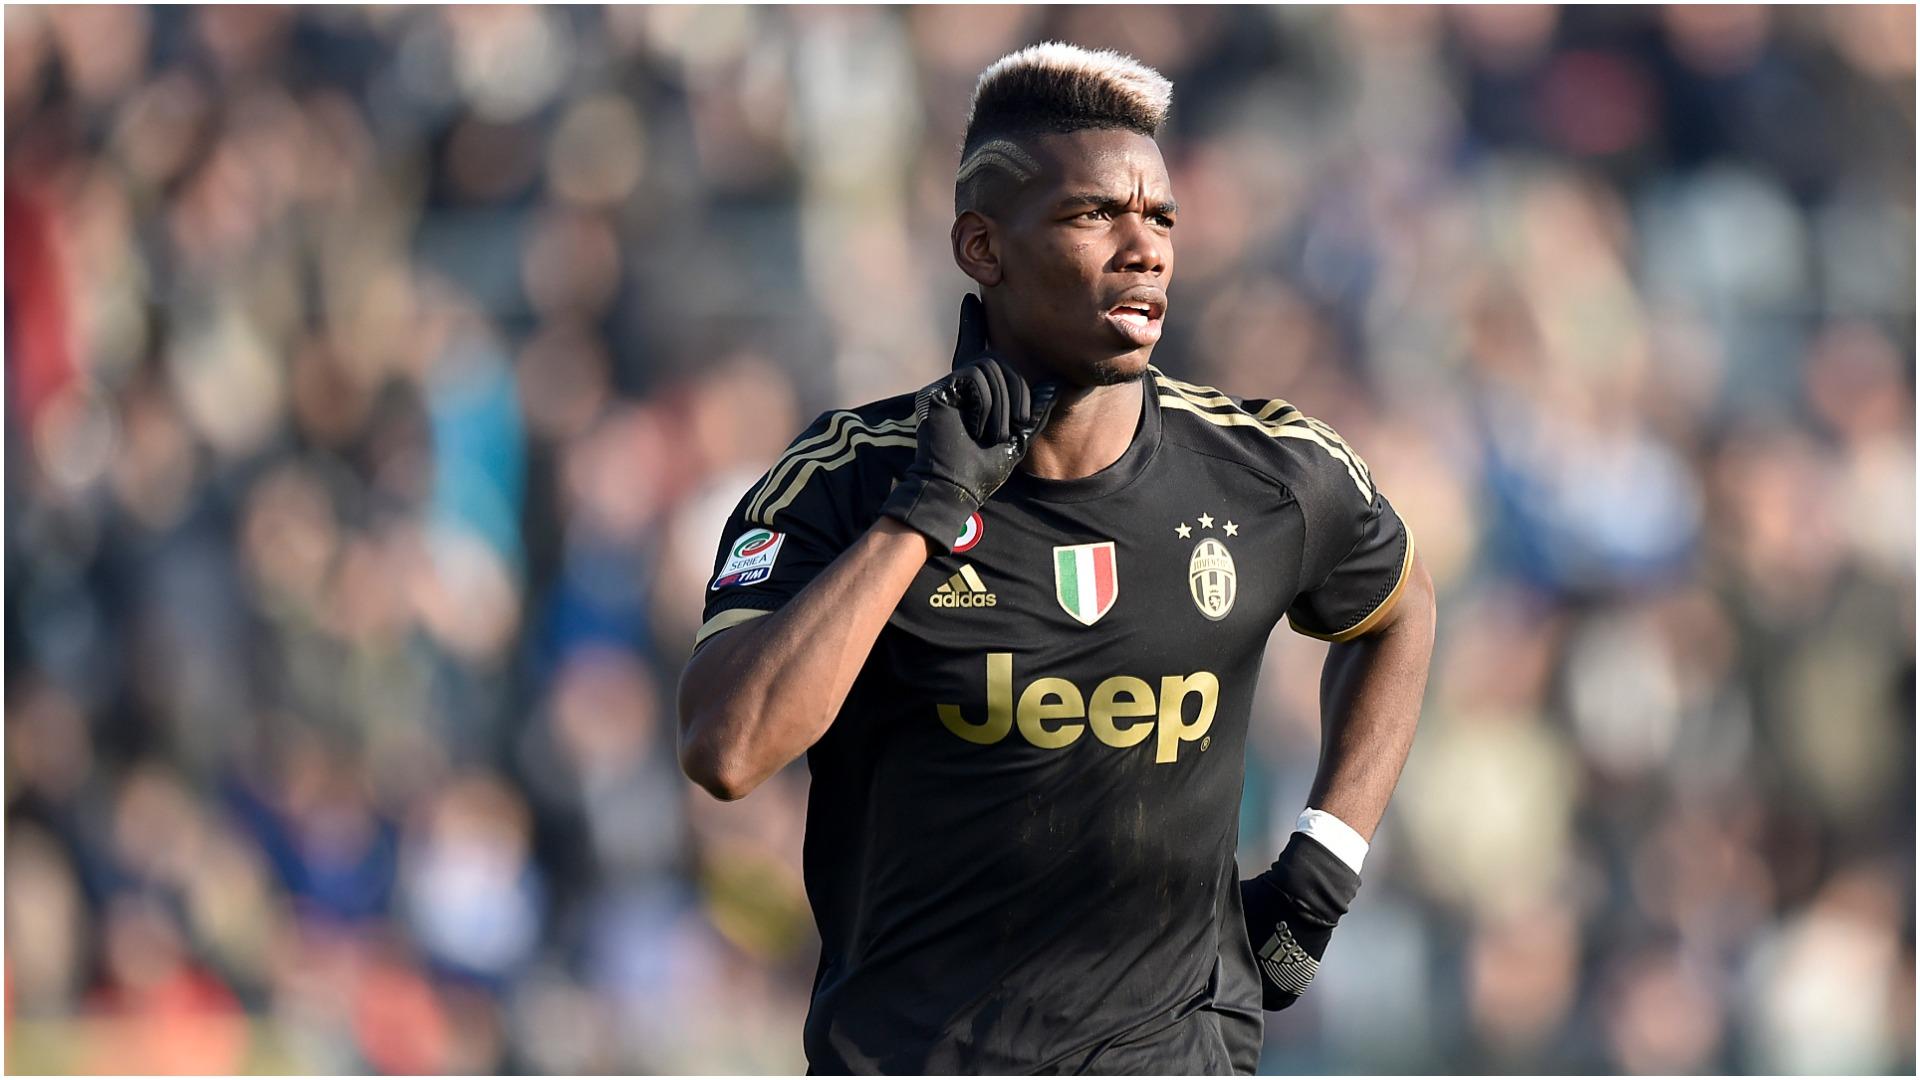 Një francez për një tjetër, Juventus nis sulmin final për Pogba